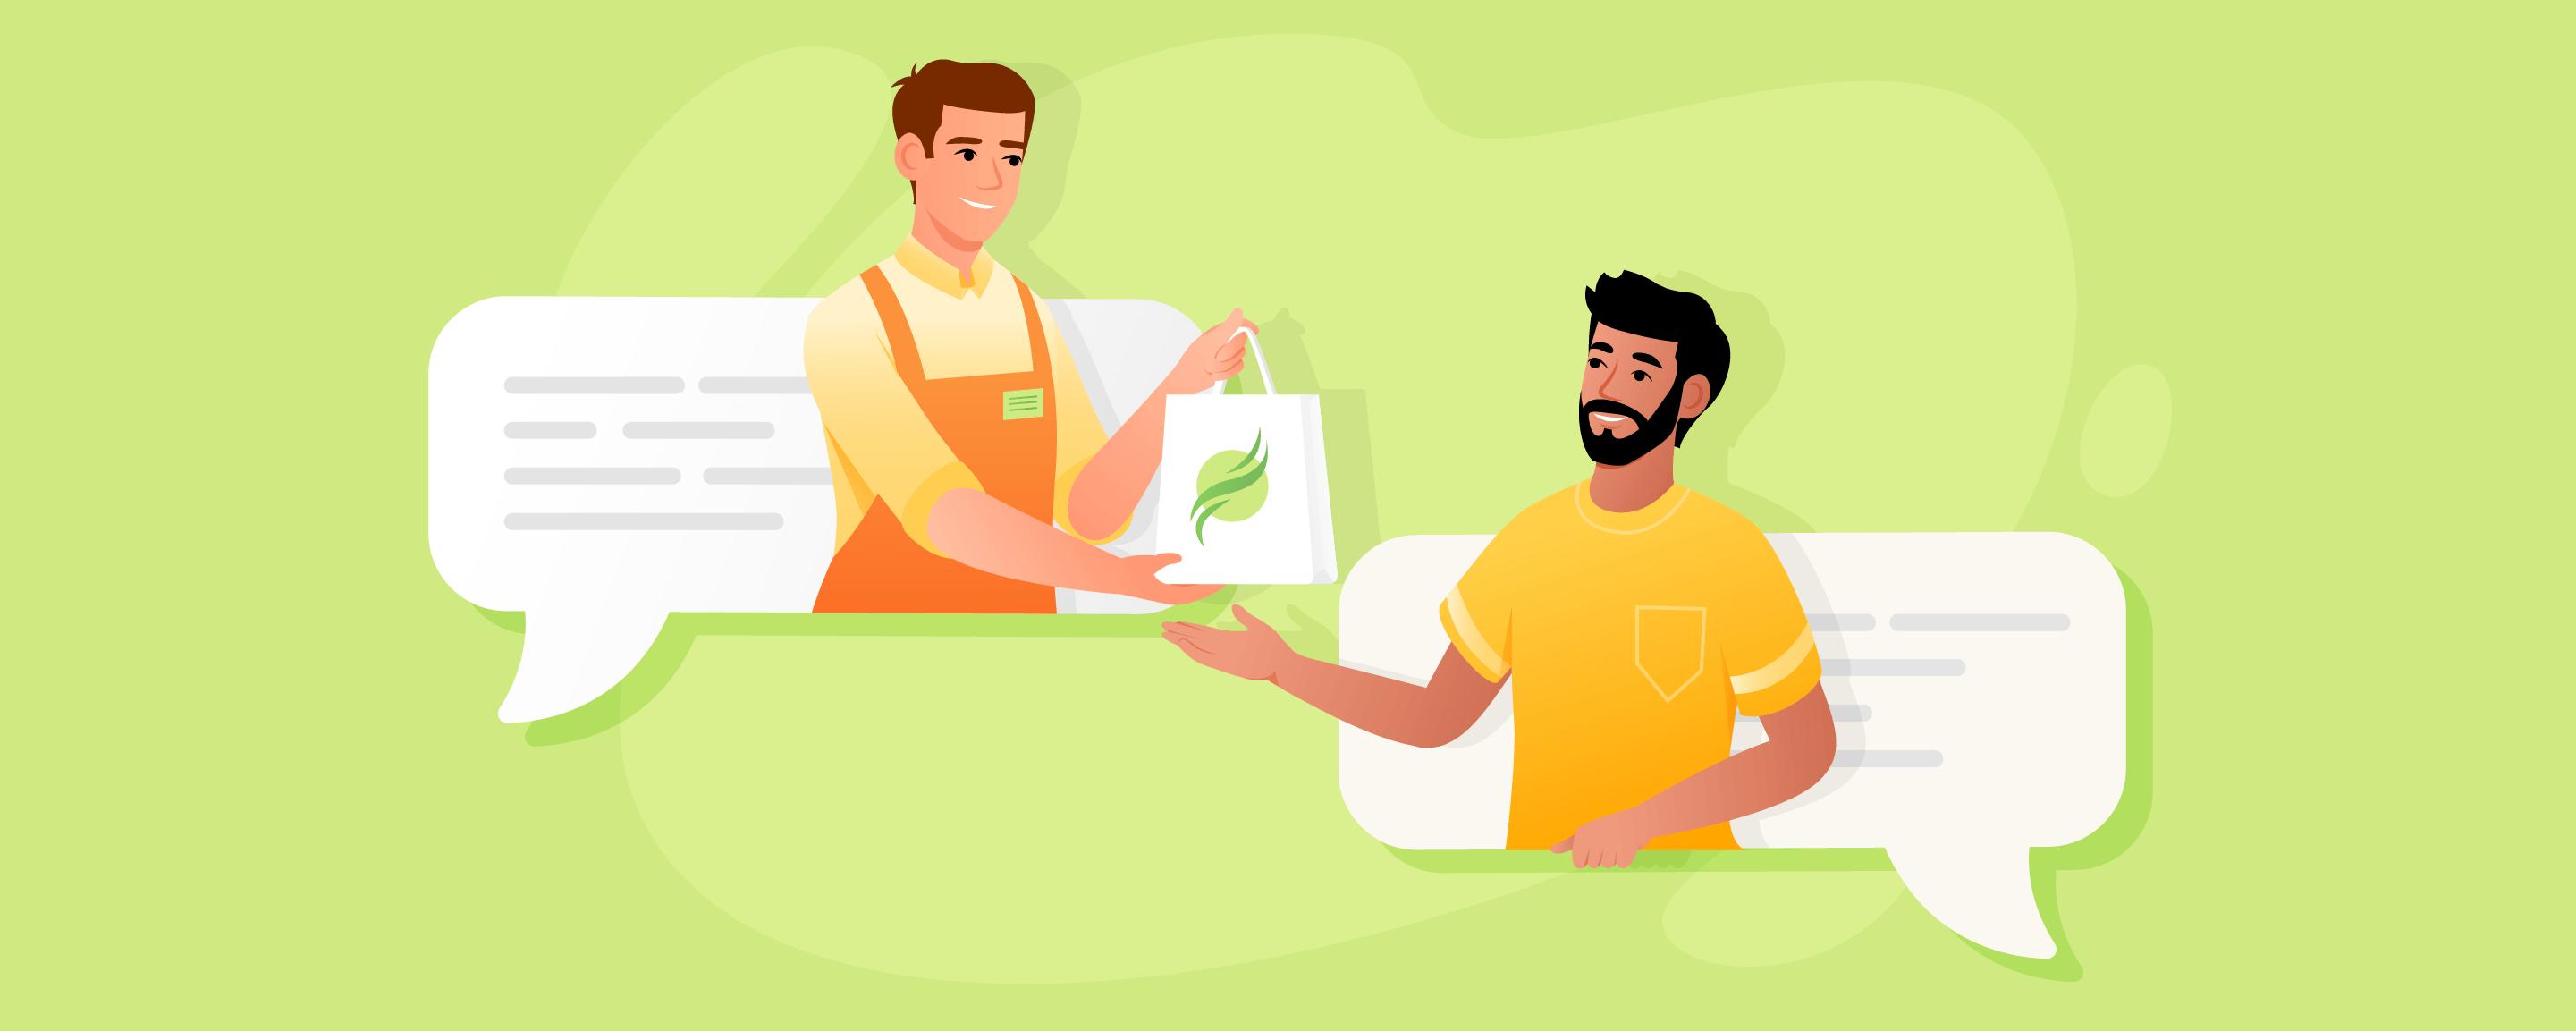 Как онлайн-чат поможет продать больше: опыт владельцев интернет-магазинов